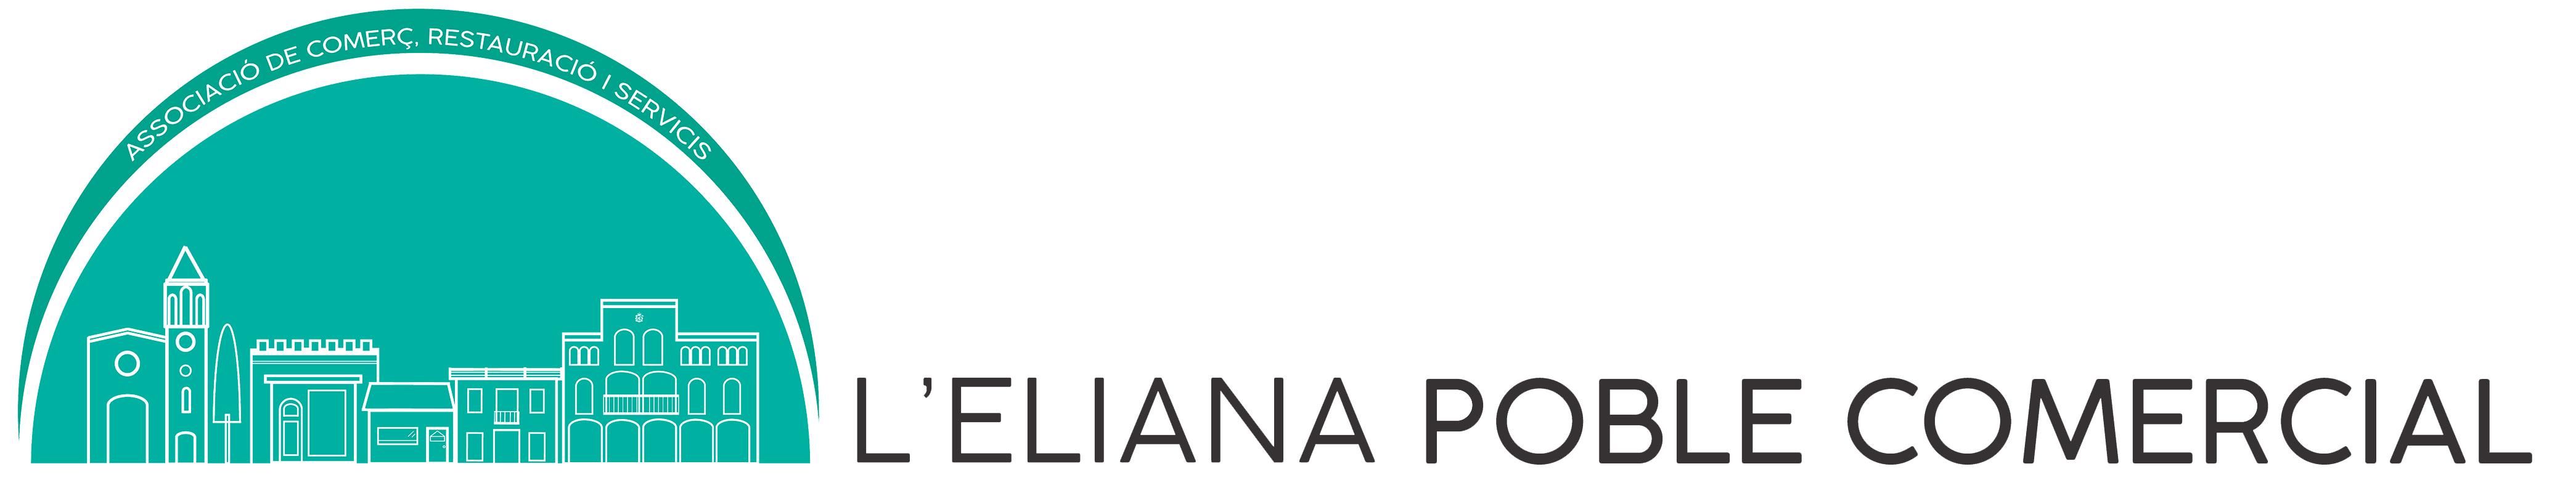 Asociación de Comercio, Restauración y Servicios de La Eliana